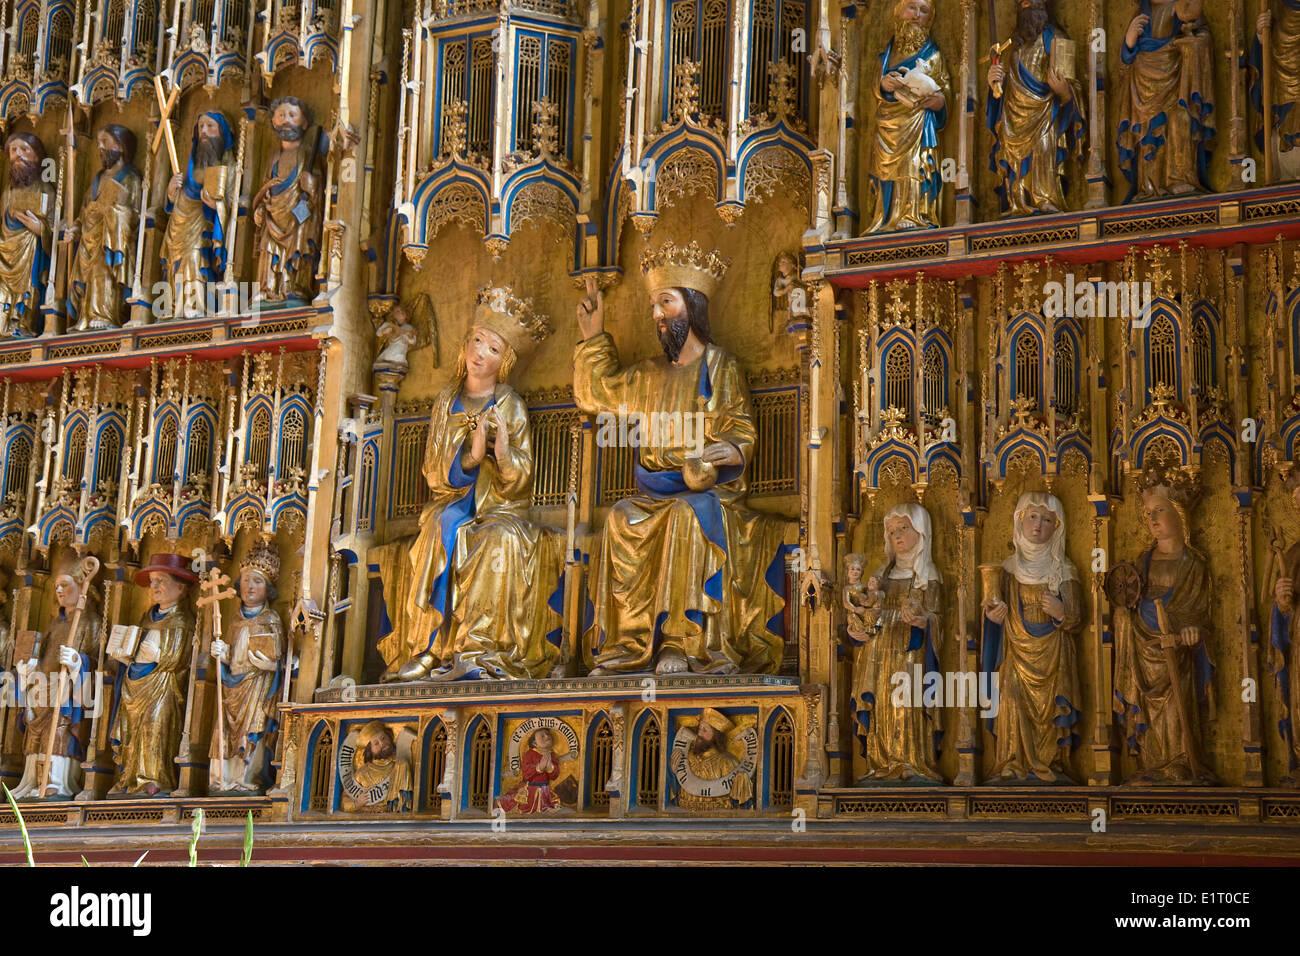 Europa, Deutschland, Mecklenburg-Vorpommern, Wismar, St.-Nikolaus-Kirche, interieur Stockfoto